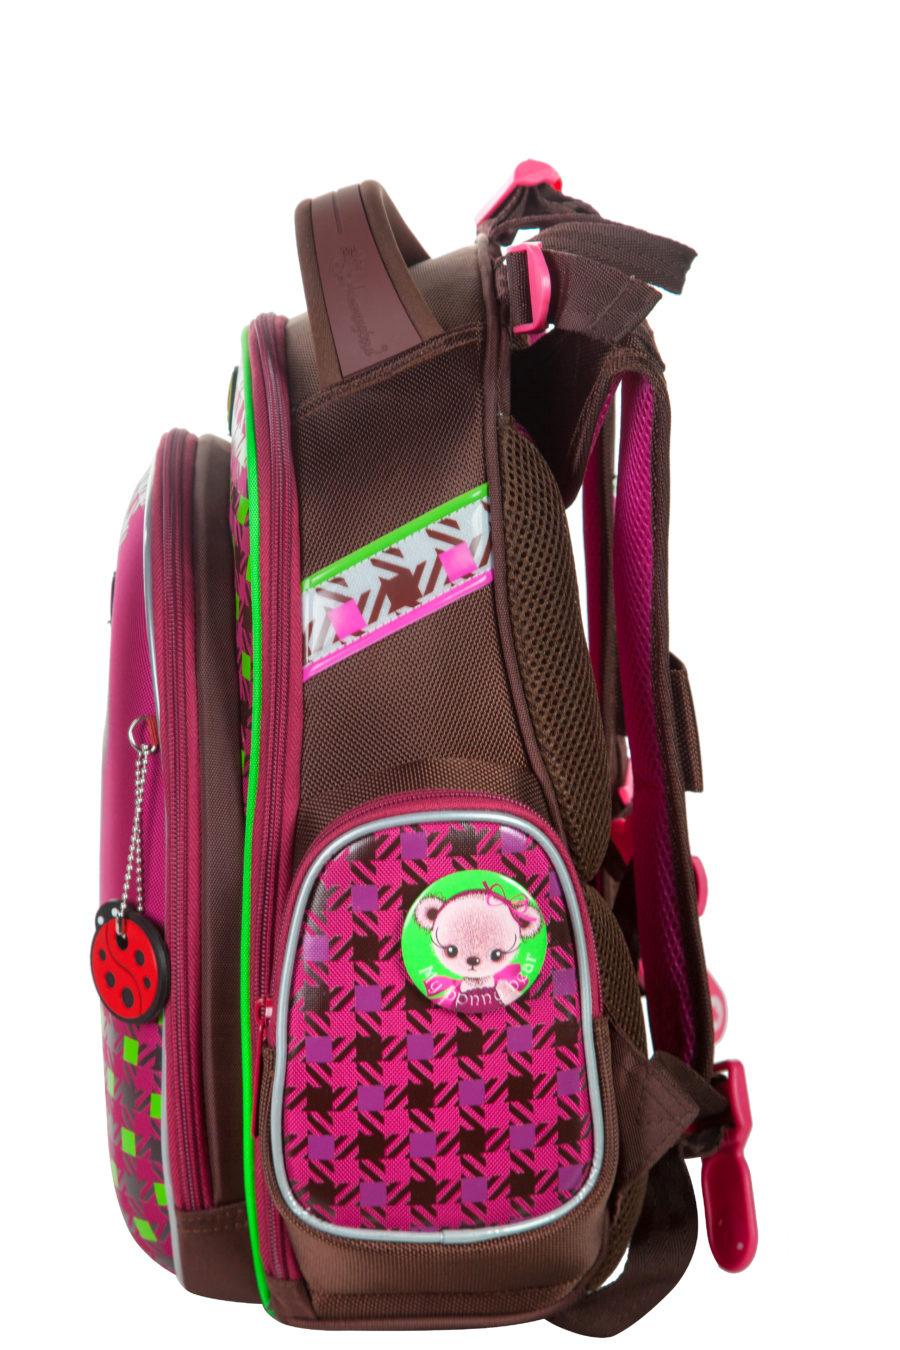 Рюкзак Hummingbird TK42 фото 2